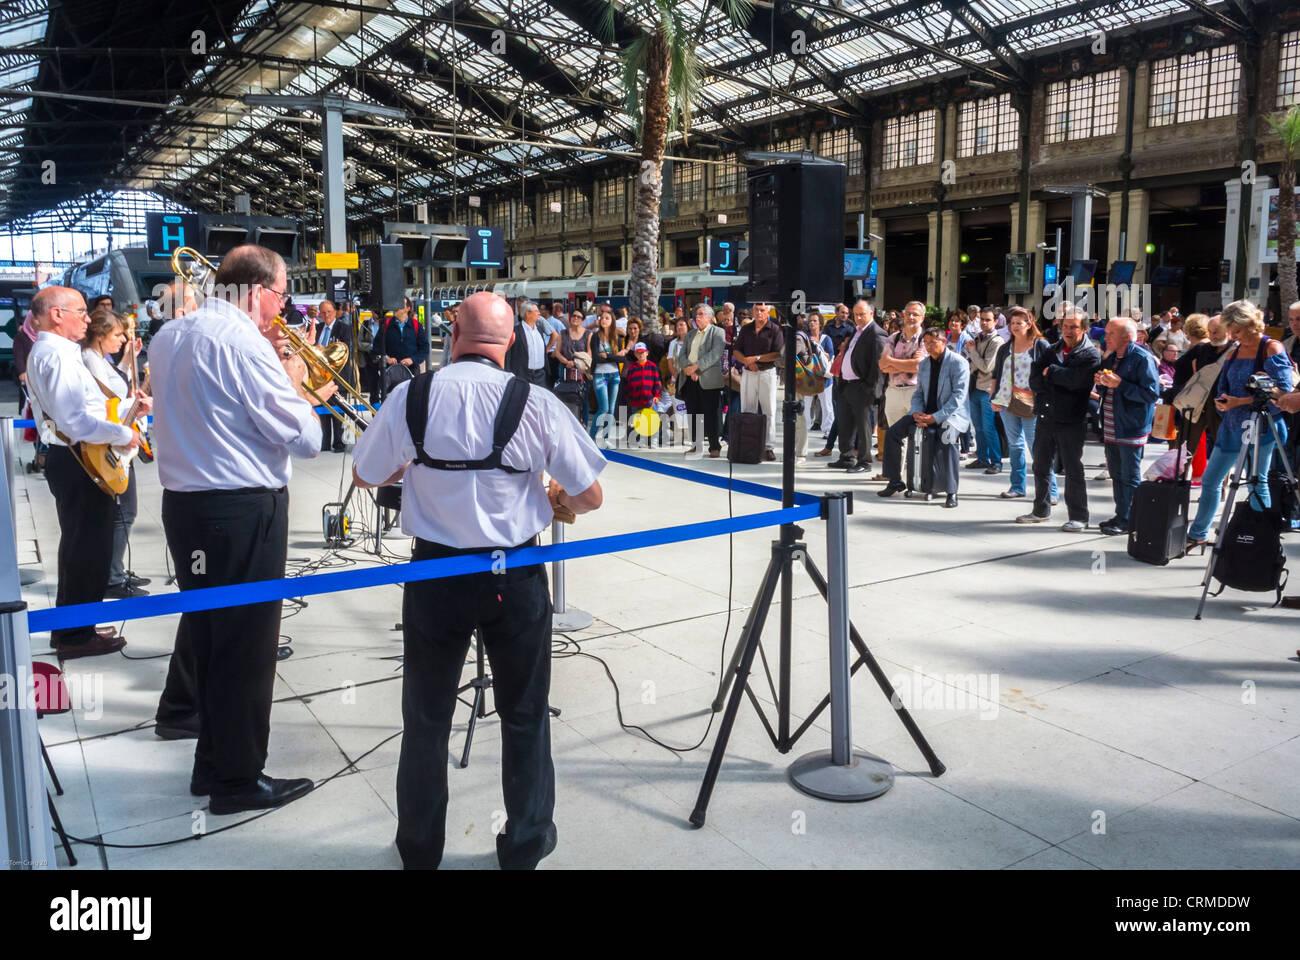 París, Francia, gran audiencia, en New Orleans Jazz Band, Orquesta de realizar en la estación de tren, Imagen De Stock